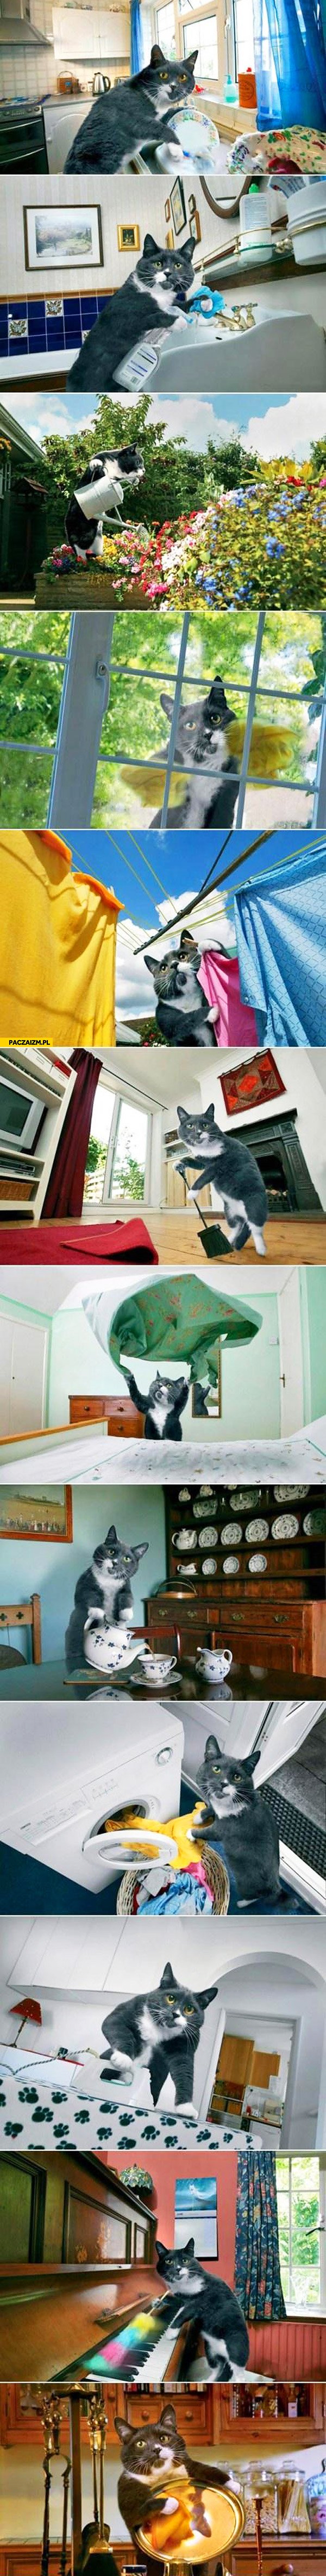 Kot który sprząta